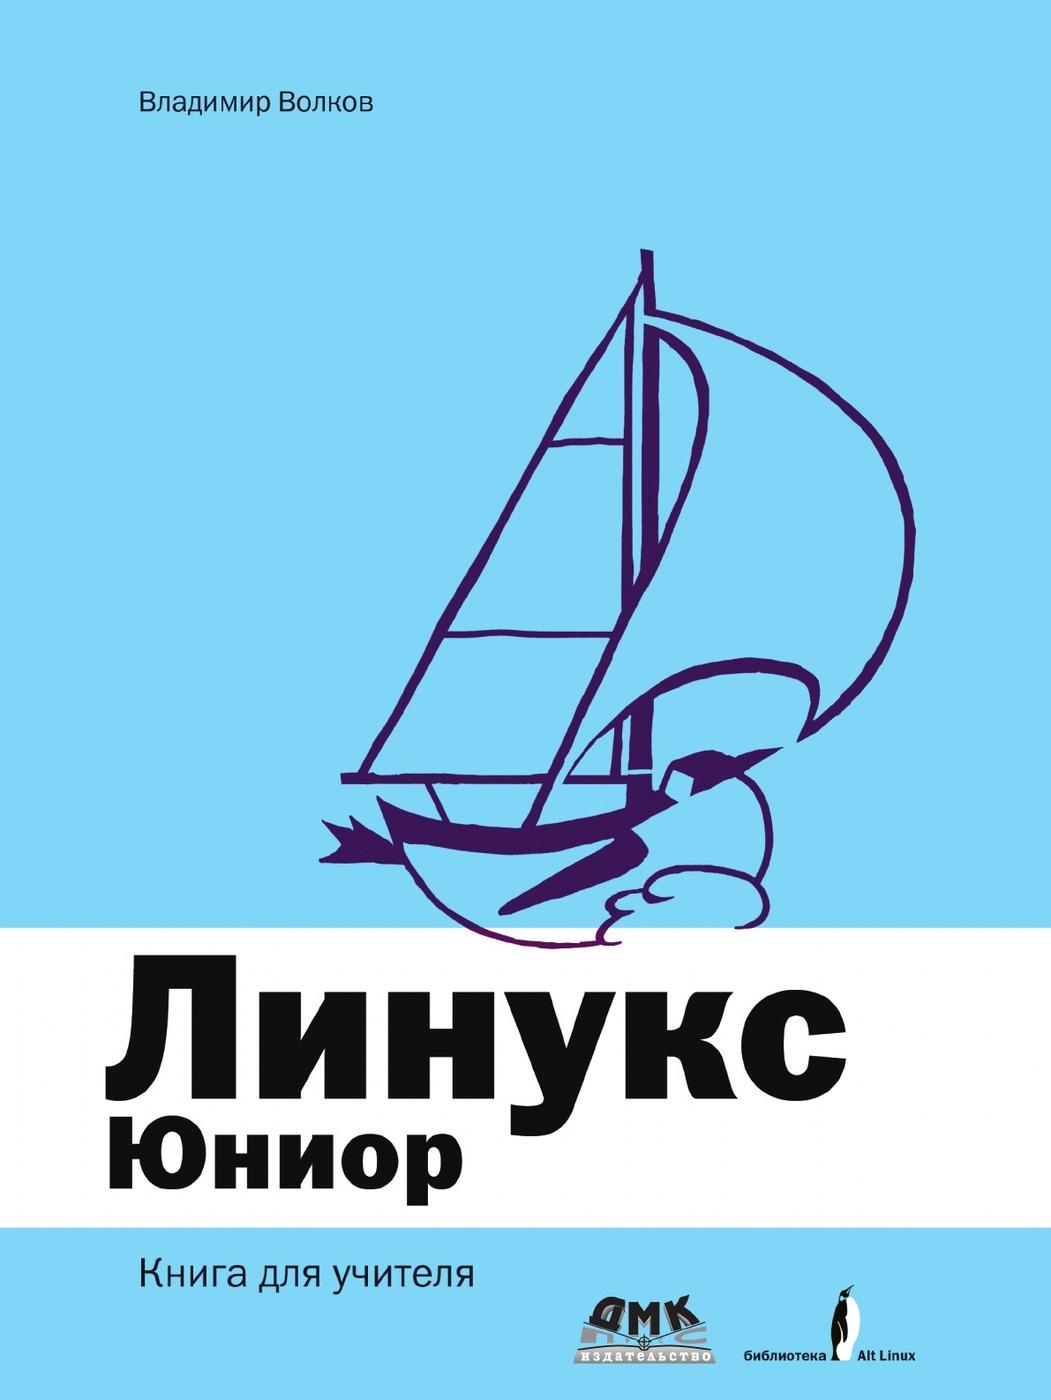 В. Волков Линукс Юниор